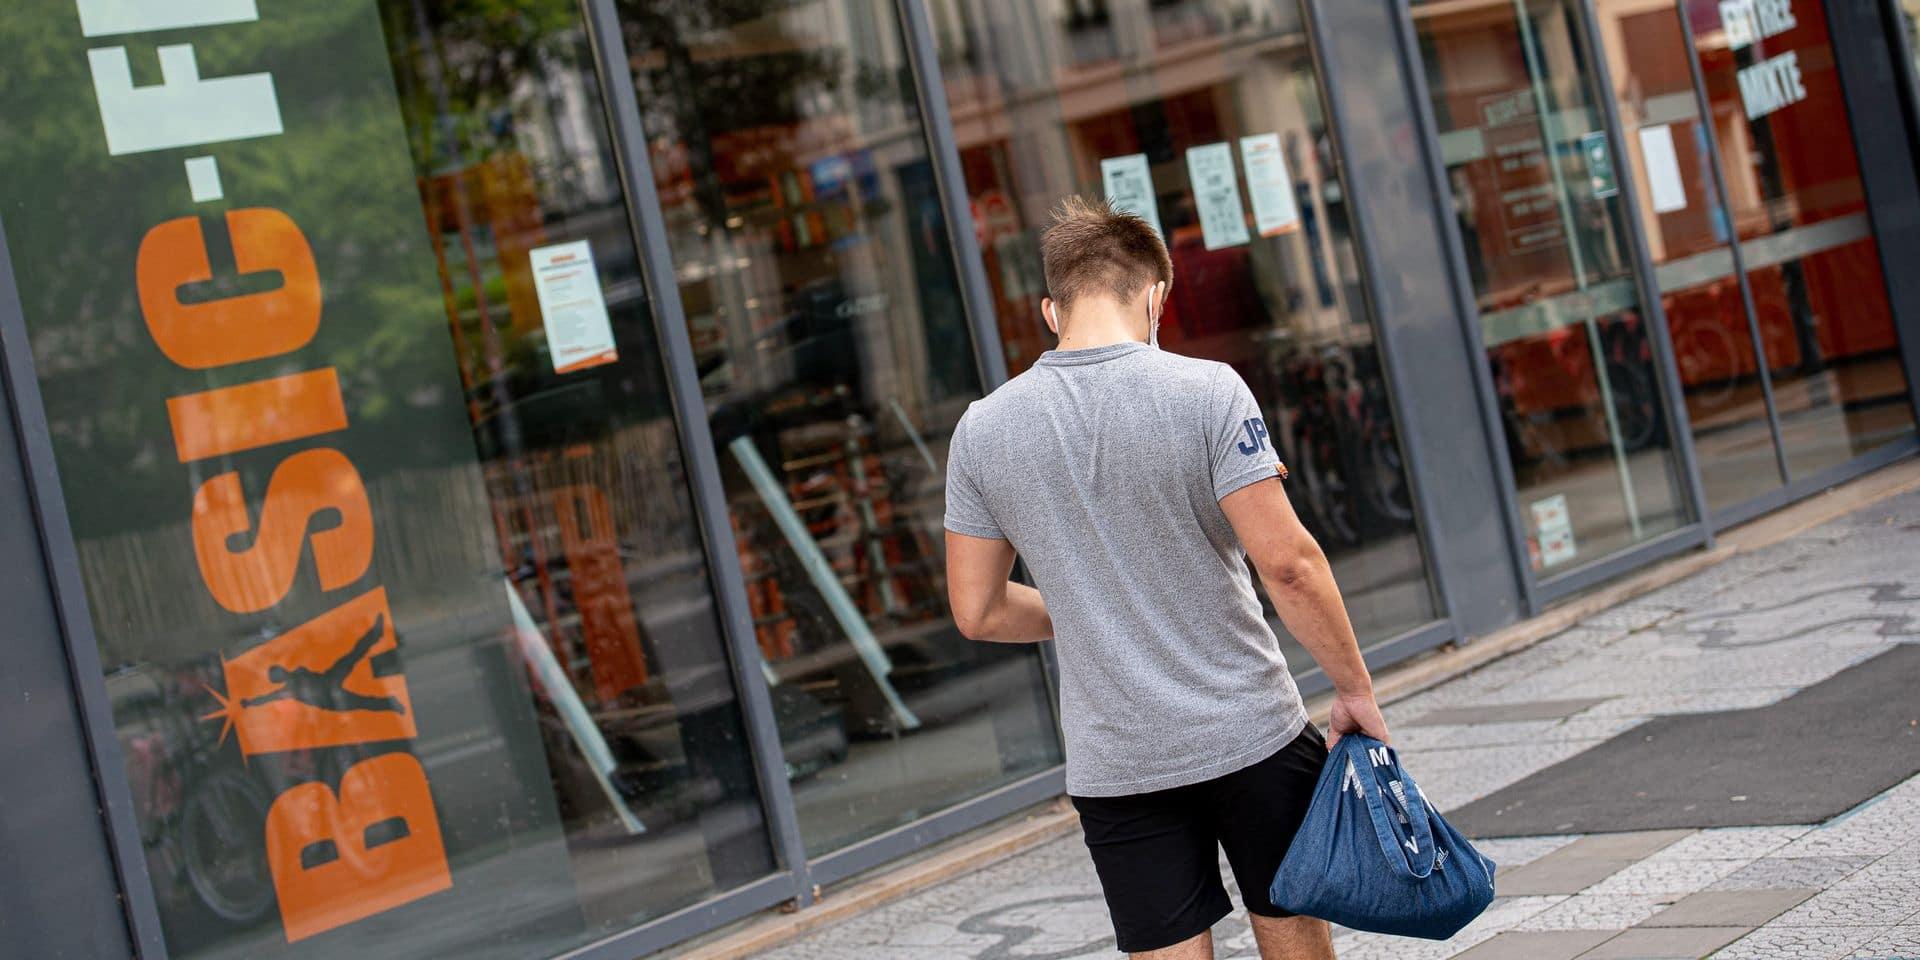 Basic-Fit, qui vient de rouvrir ses salles en Belgique, lève plus de 300 millions d'euros